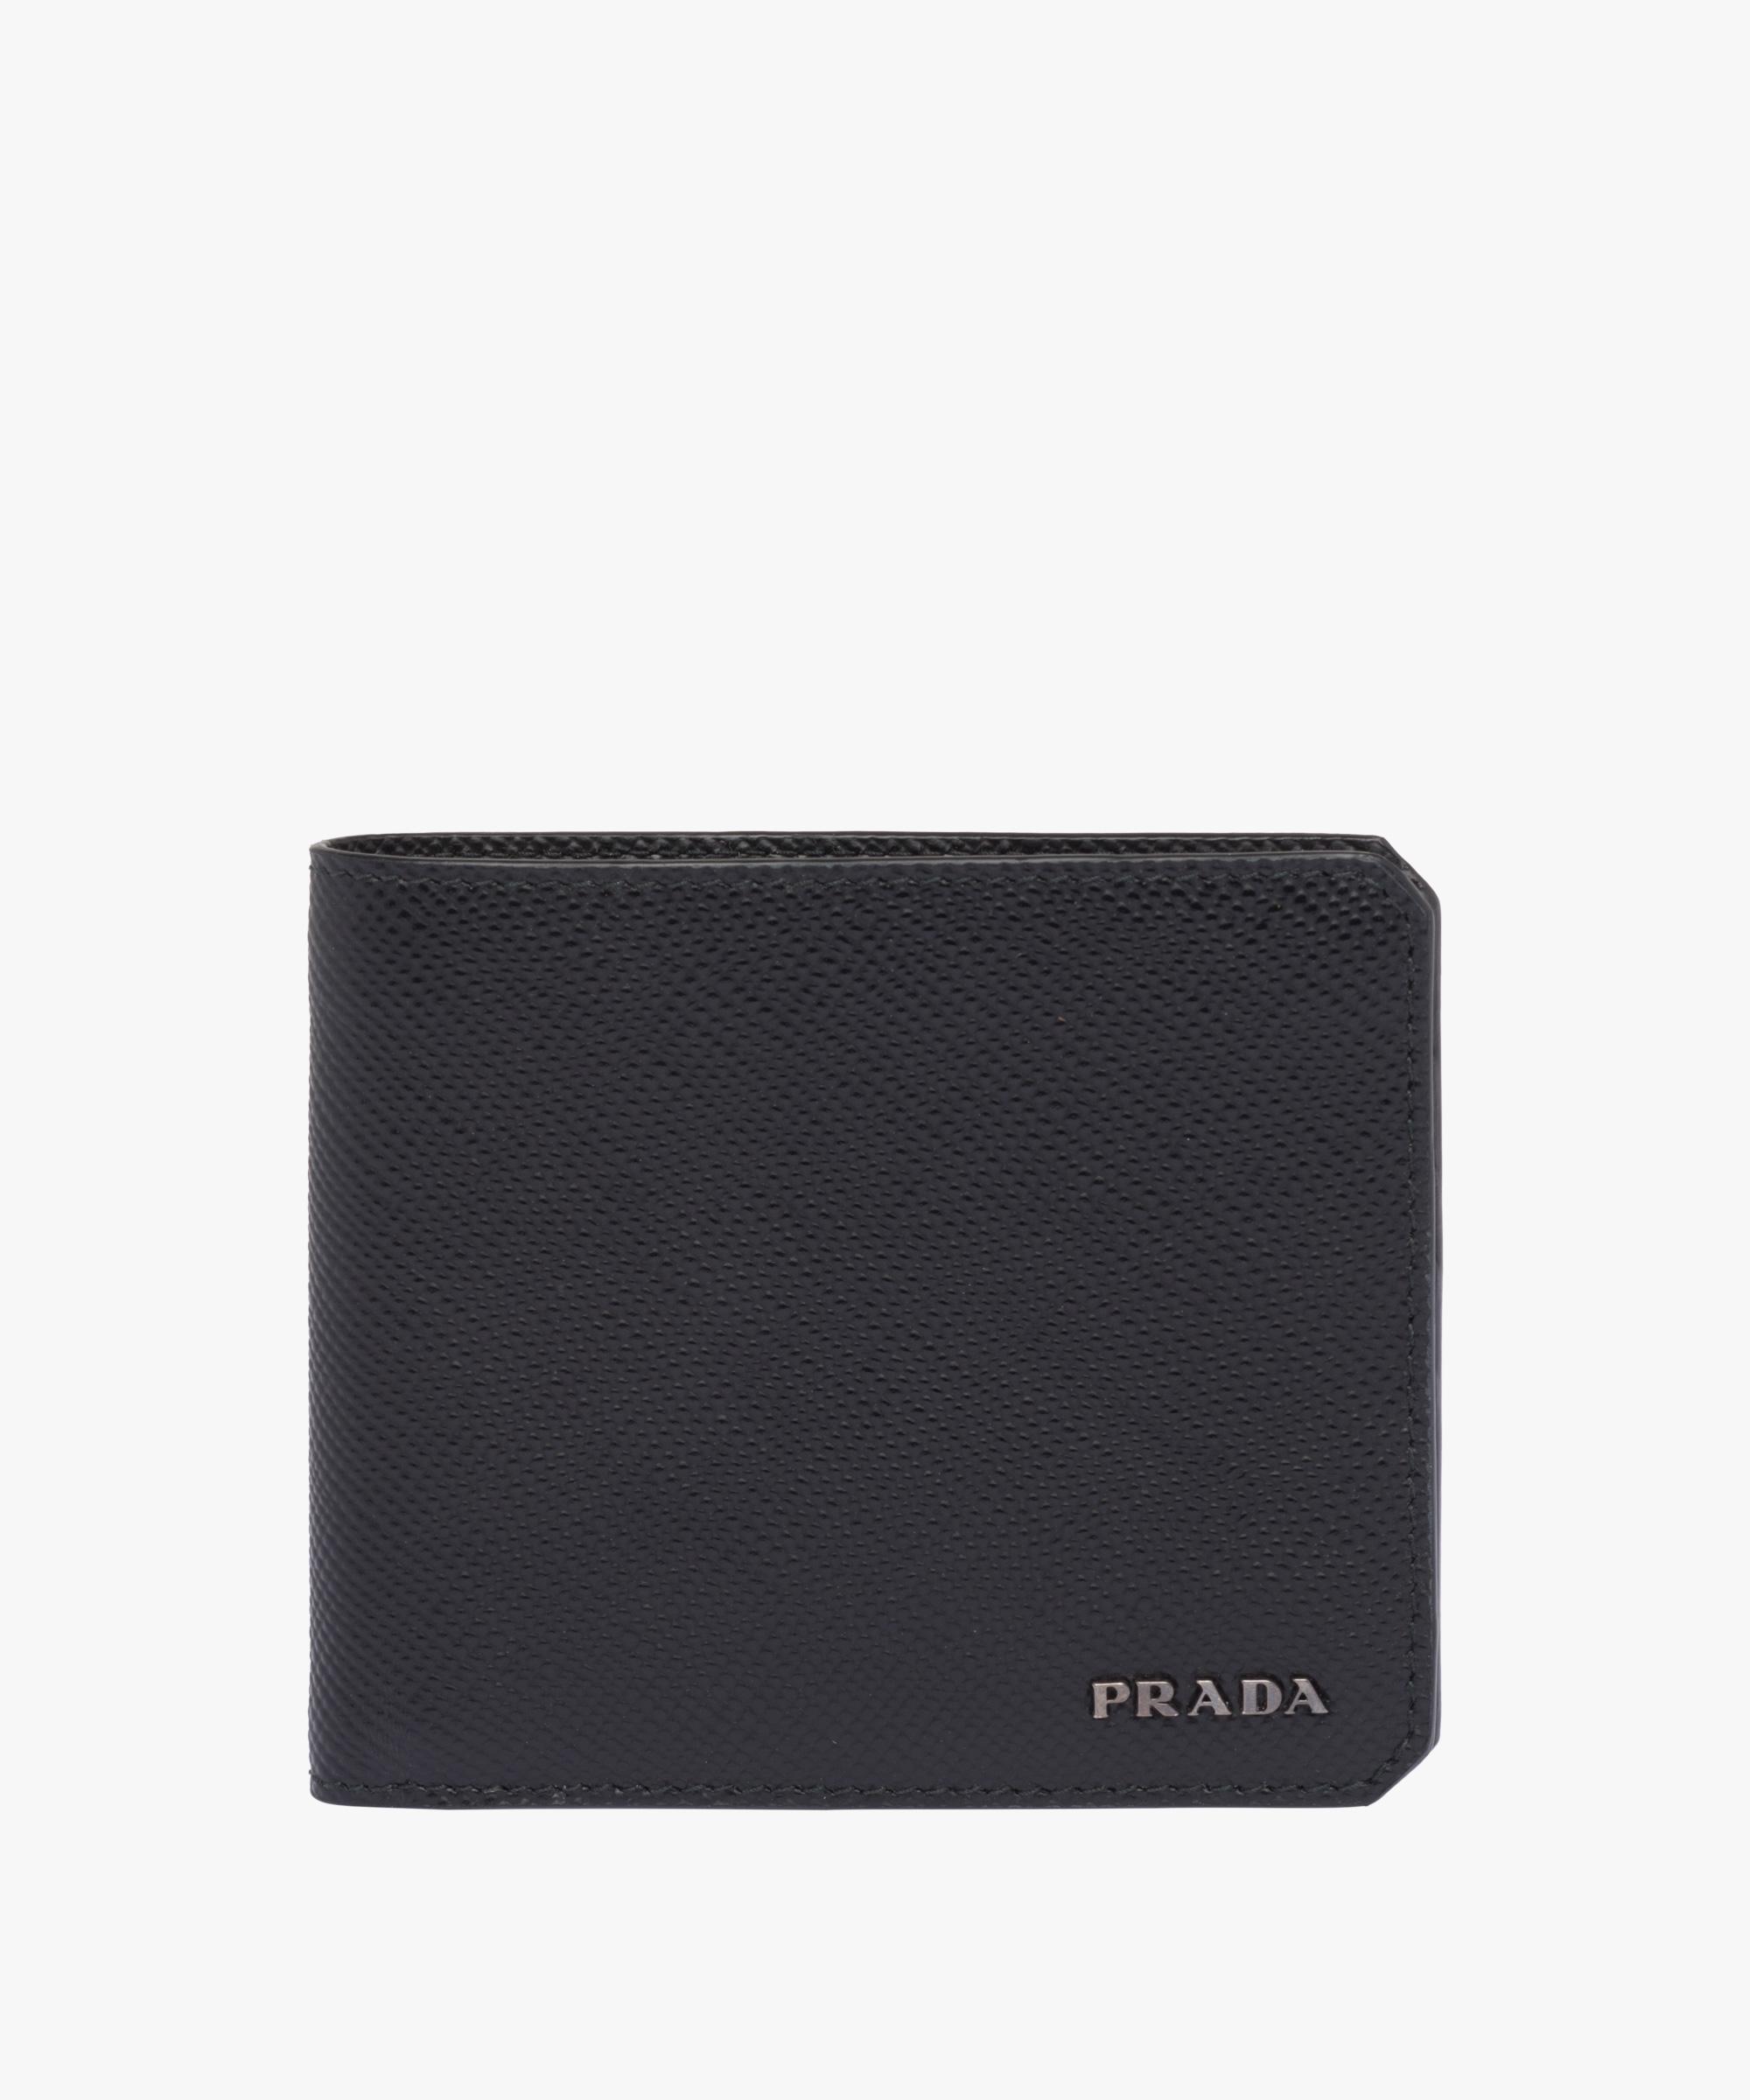 28e1eb218fe75b ... netherlands saffiano cuir leather wallet prada black a0b59 7c567